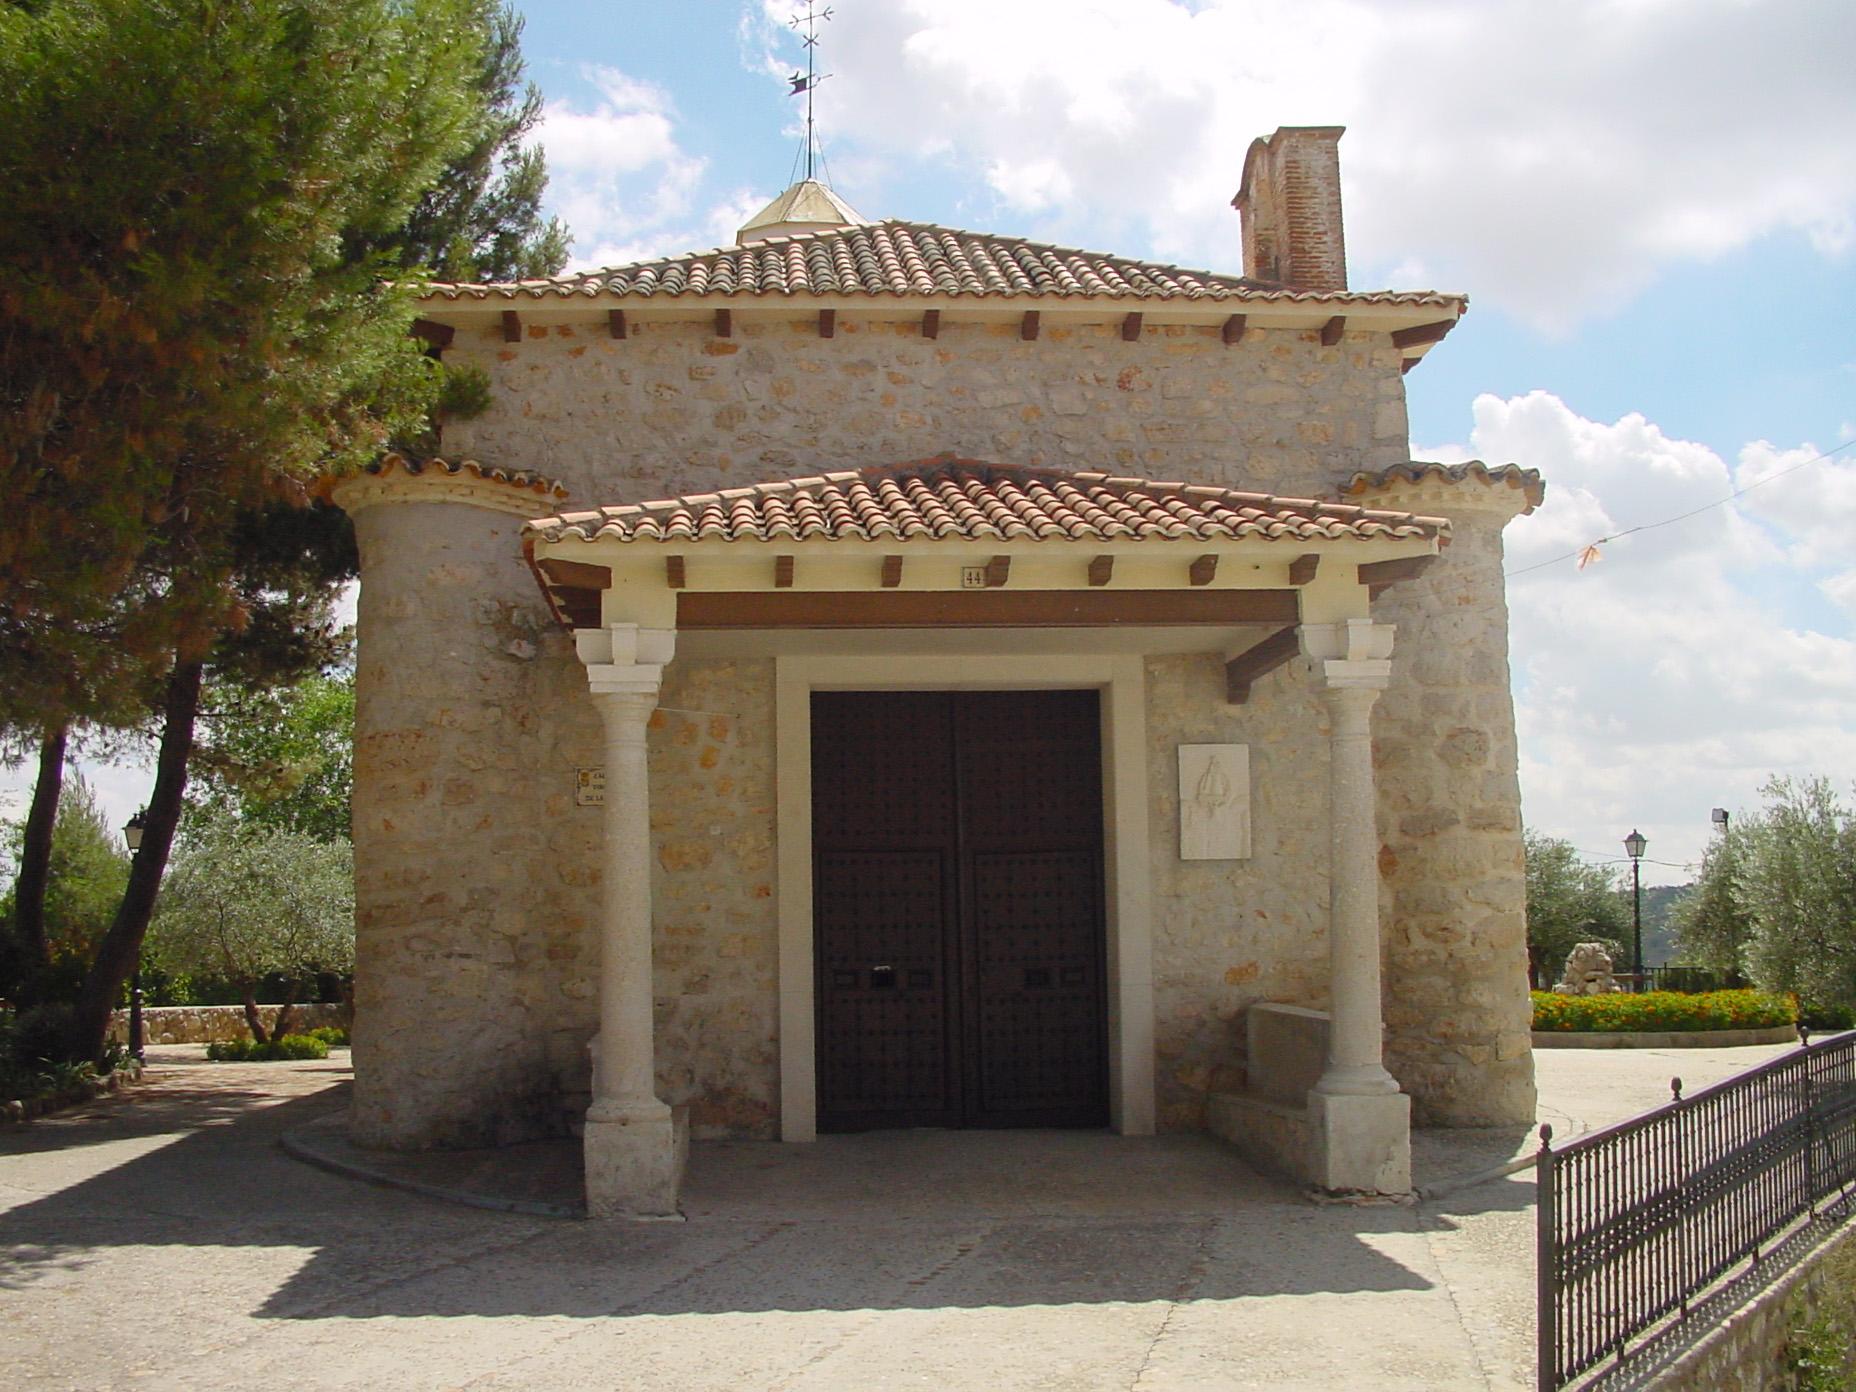 Fachada principal ermita de la Virgen de la Oliva en Valdilecha